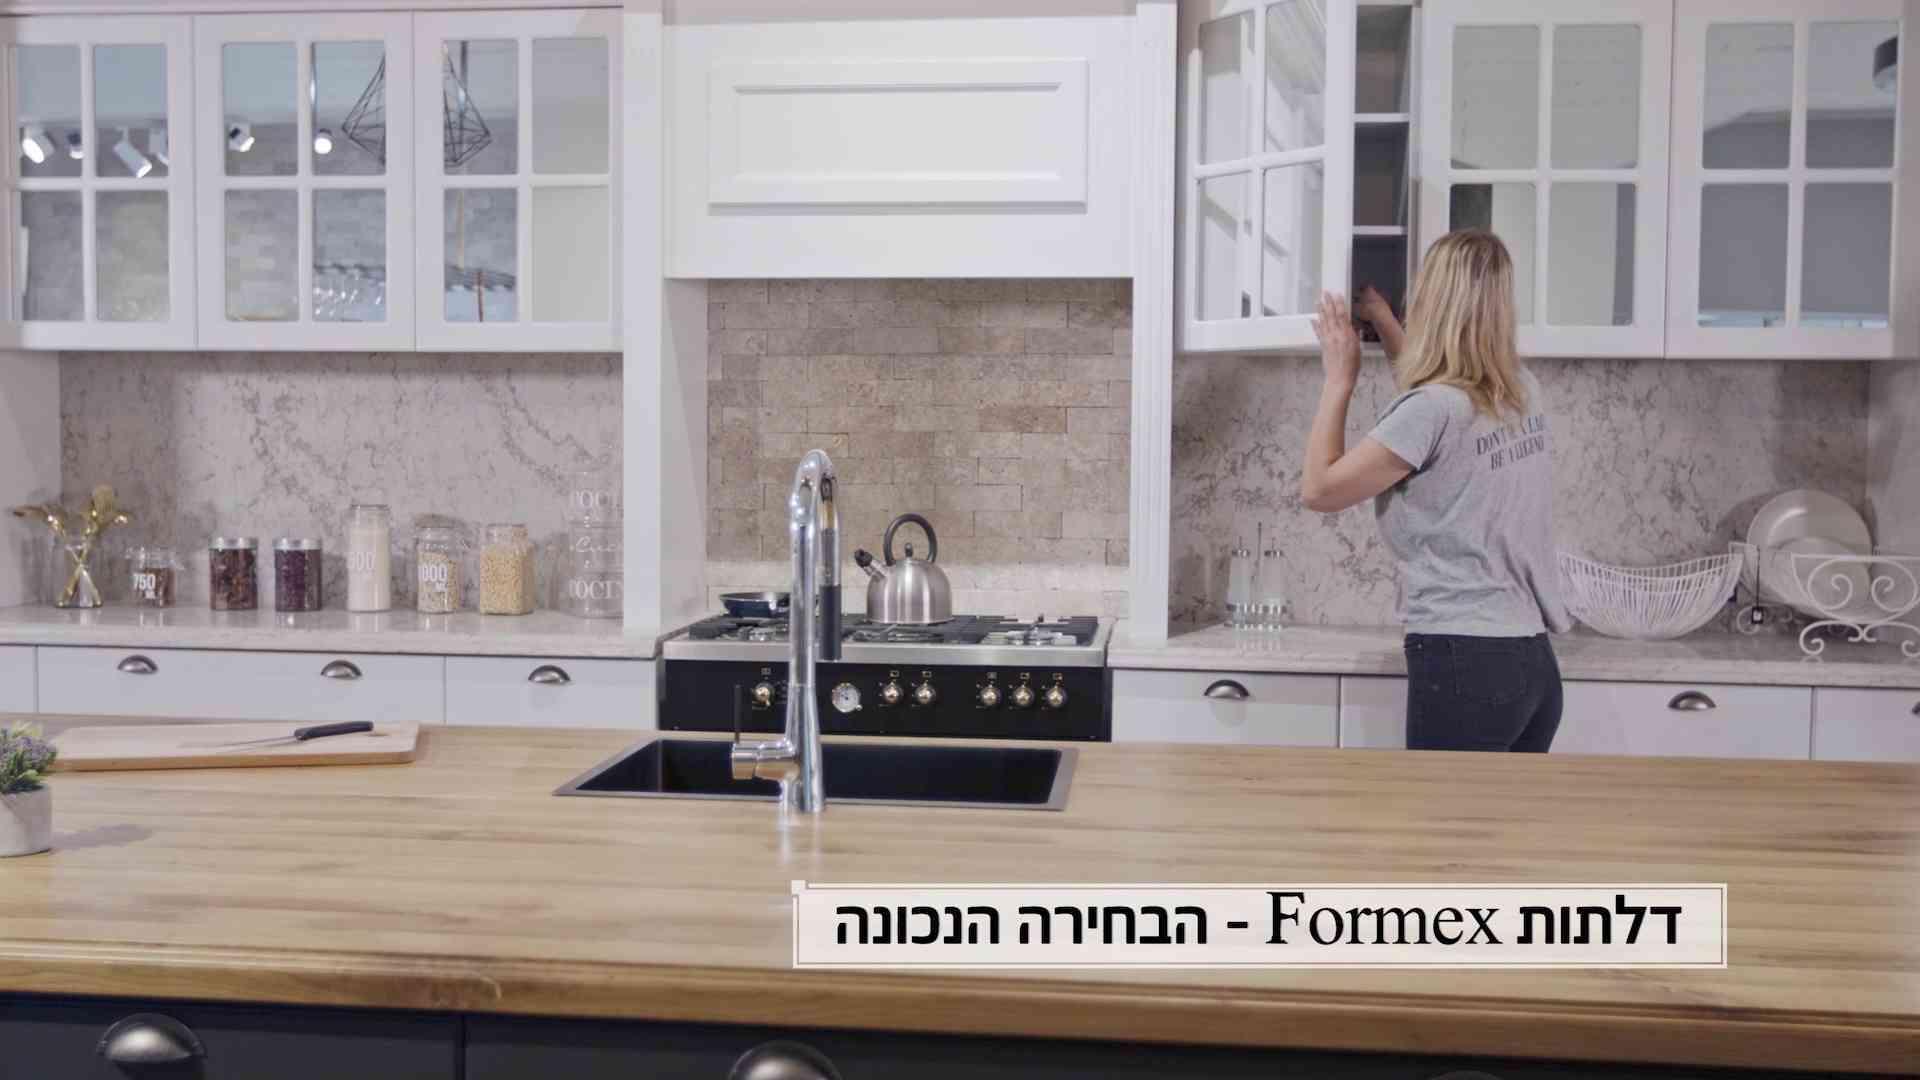 סרט תדמית למפעל ייצור דלתות מטבח